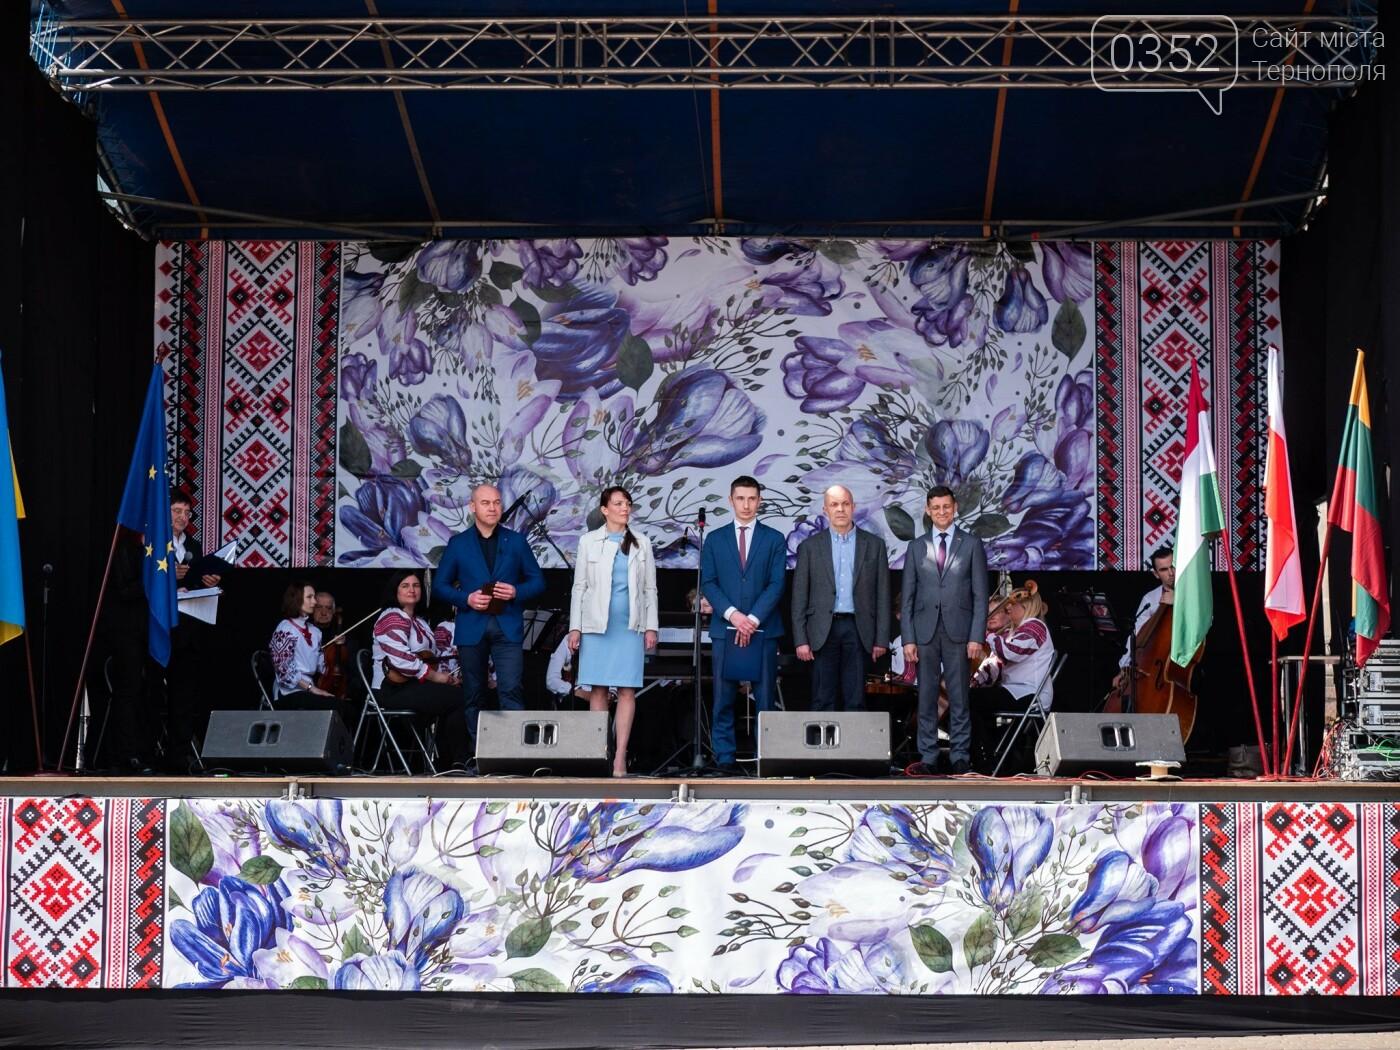 У Тернополі на Театральному майдані провели мистецьке свято «Україна - Європа»  (ФОТО), фото-1